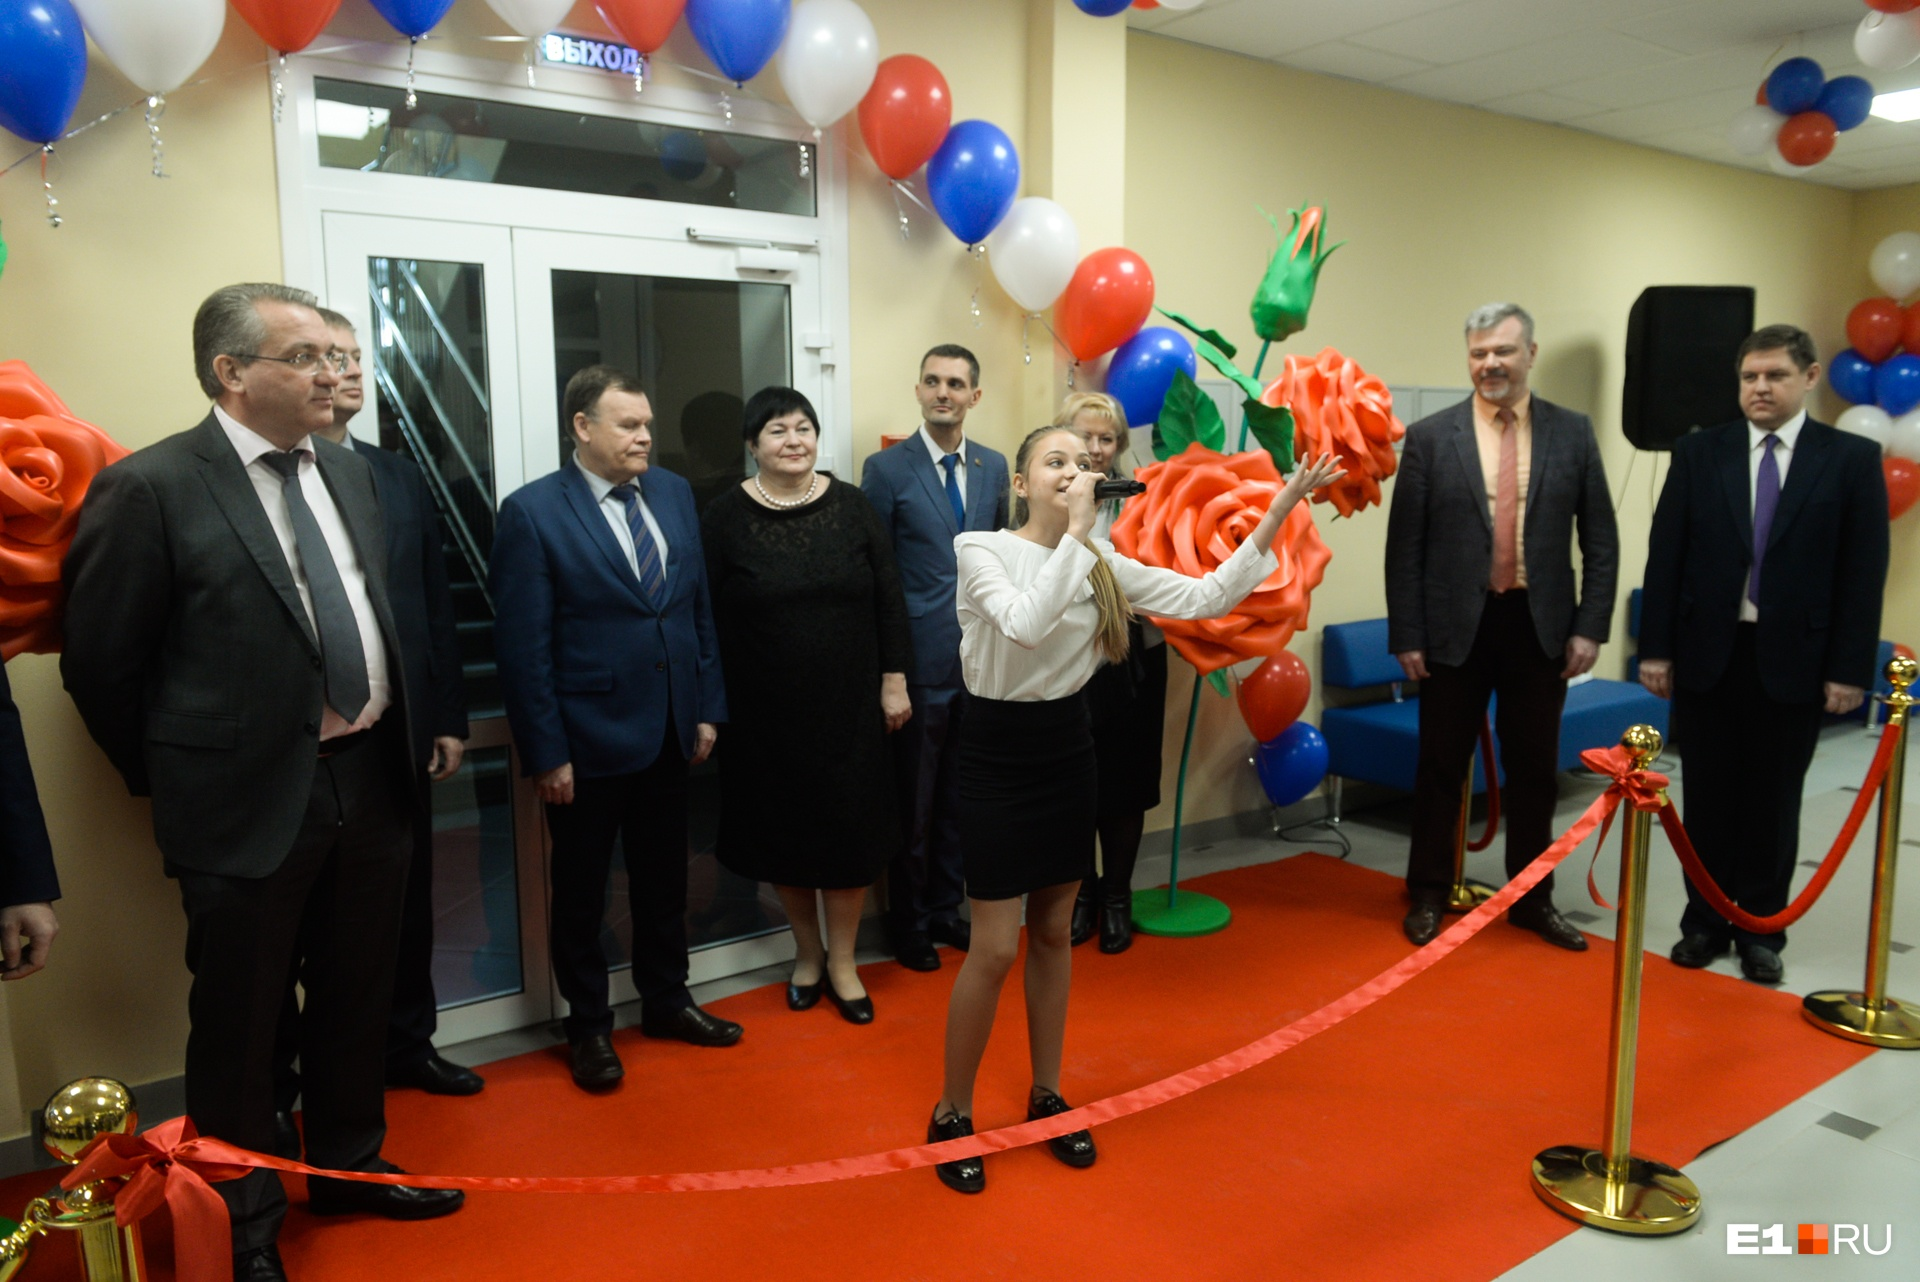 Елена Дерягина не пропускала открытие новых школ — здесь она присутствует на открытии «началки» 134-й